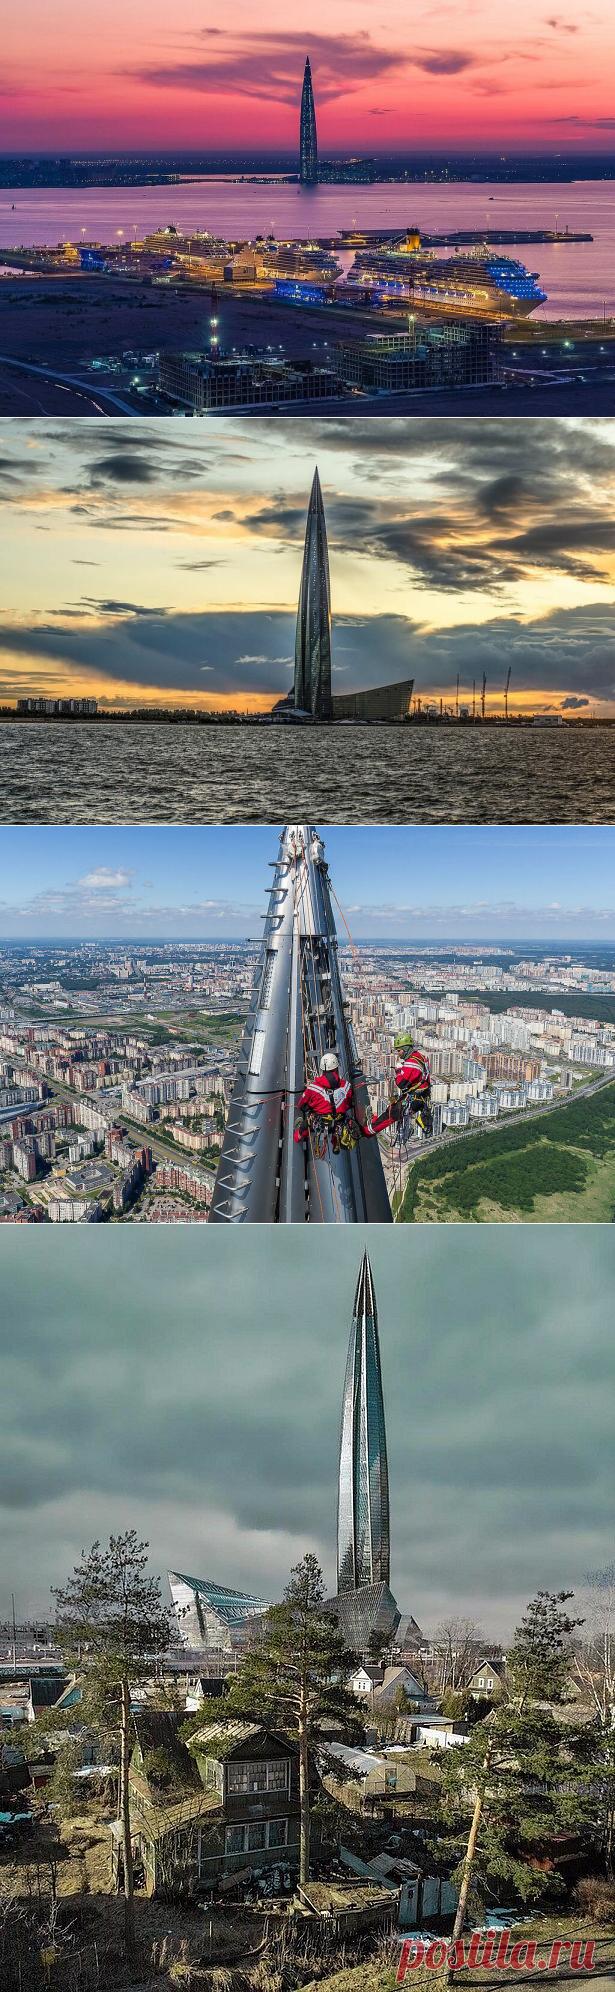 Лахта центр. Каждый метр высоты этого здания стоит 355 миллионов | Неутомимый странник | Яндекс Дзен